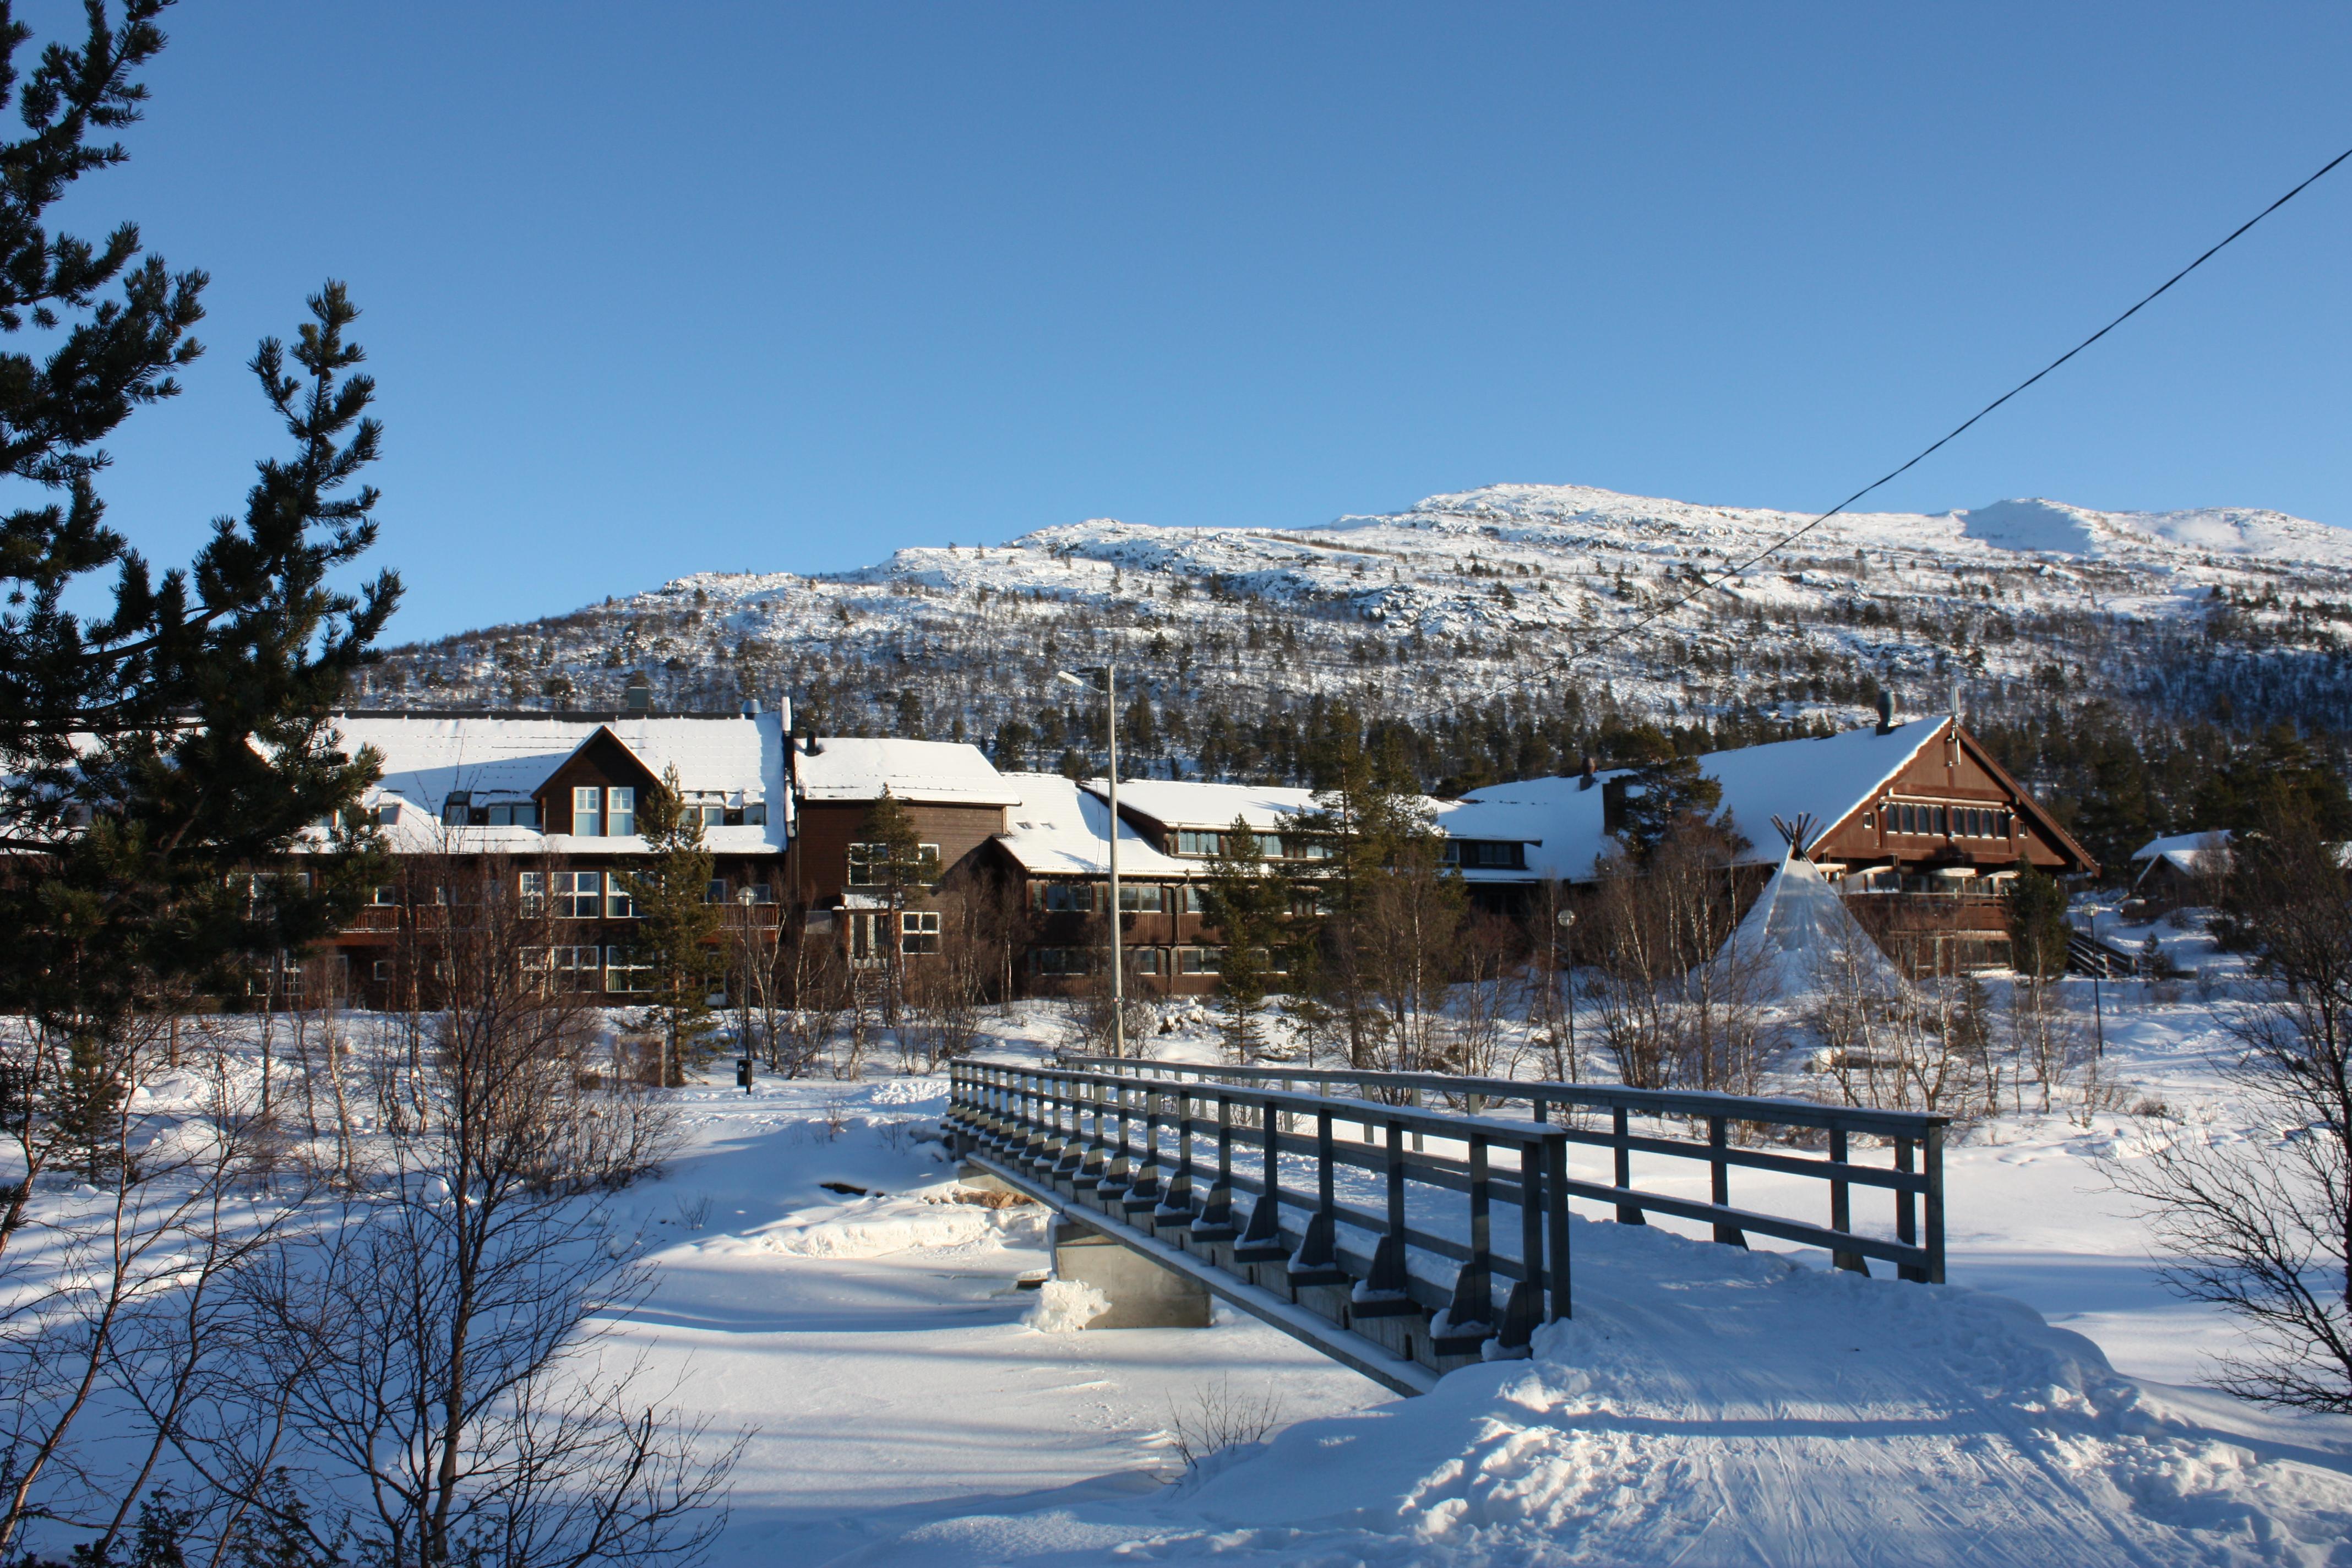 Hovdestøylen Hotell i vakkert vinterlandskap